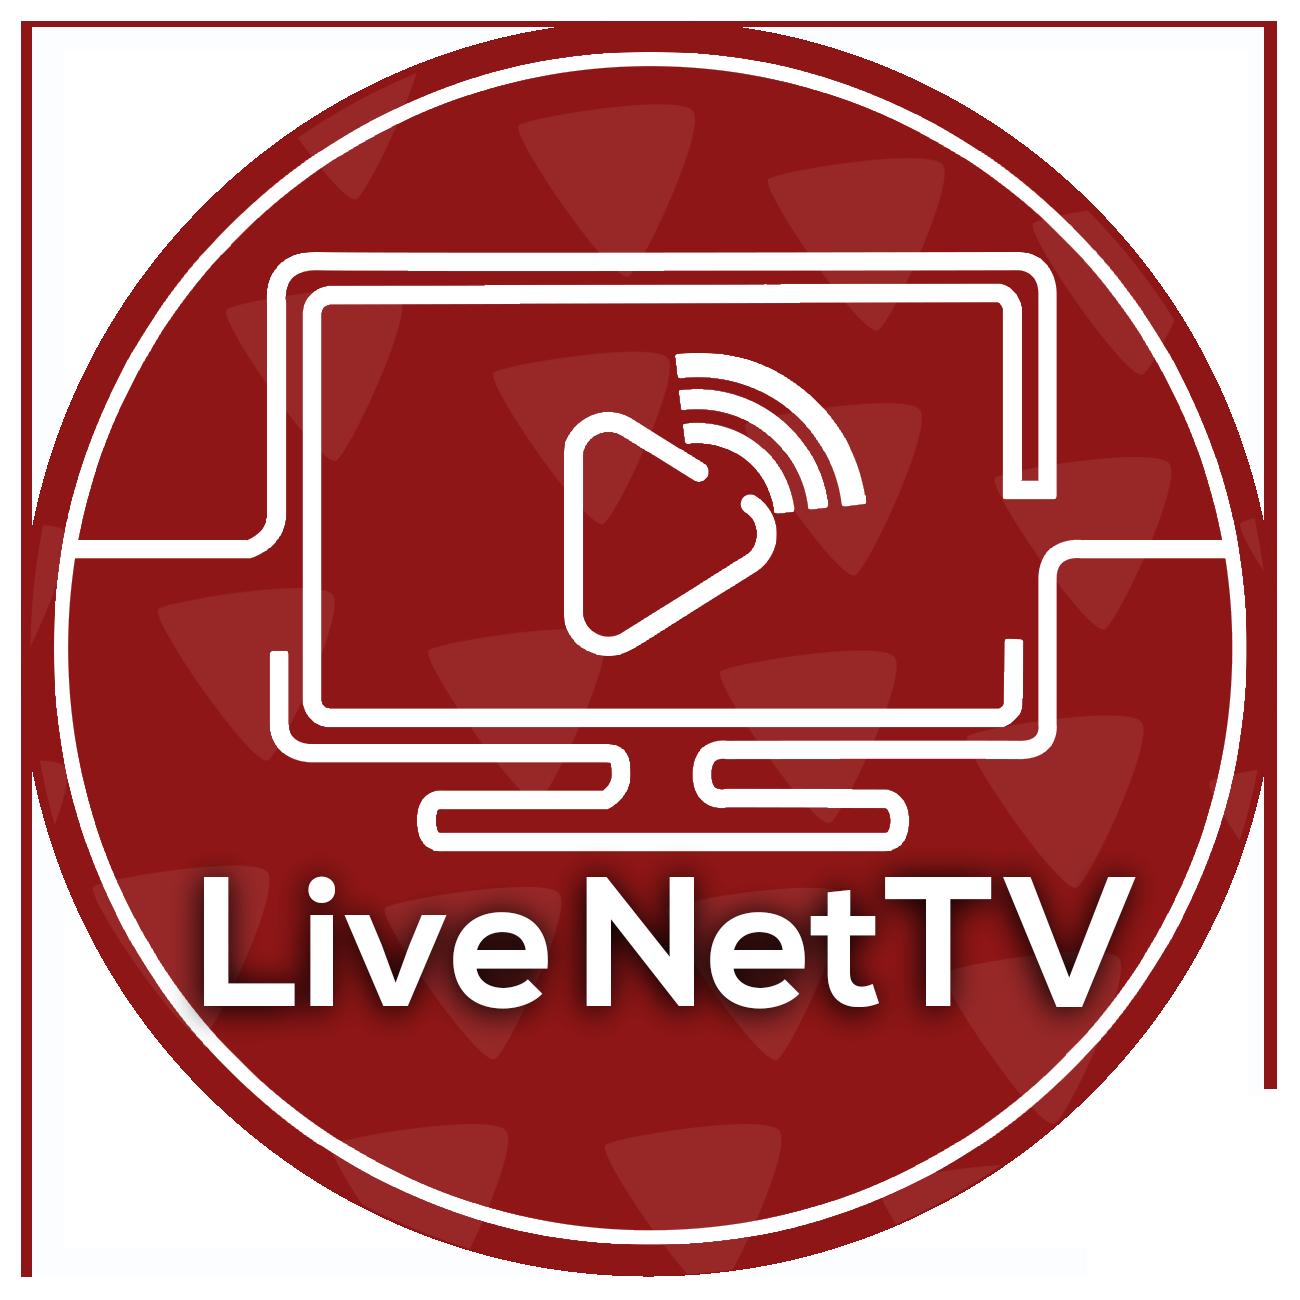 Image result for Live NetTV